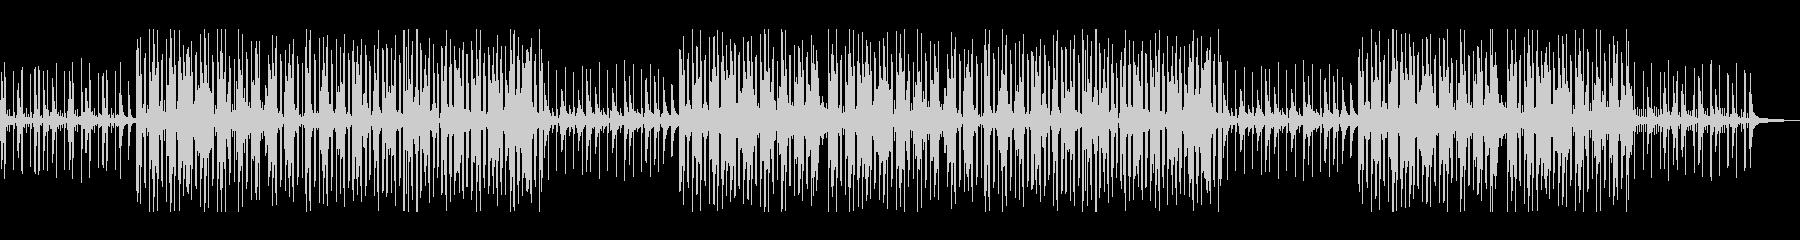 しっとりとしたジャズヒップホップ・ピアノの未再生の波形